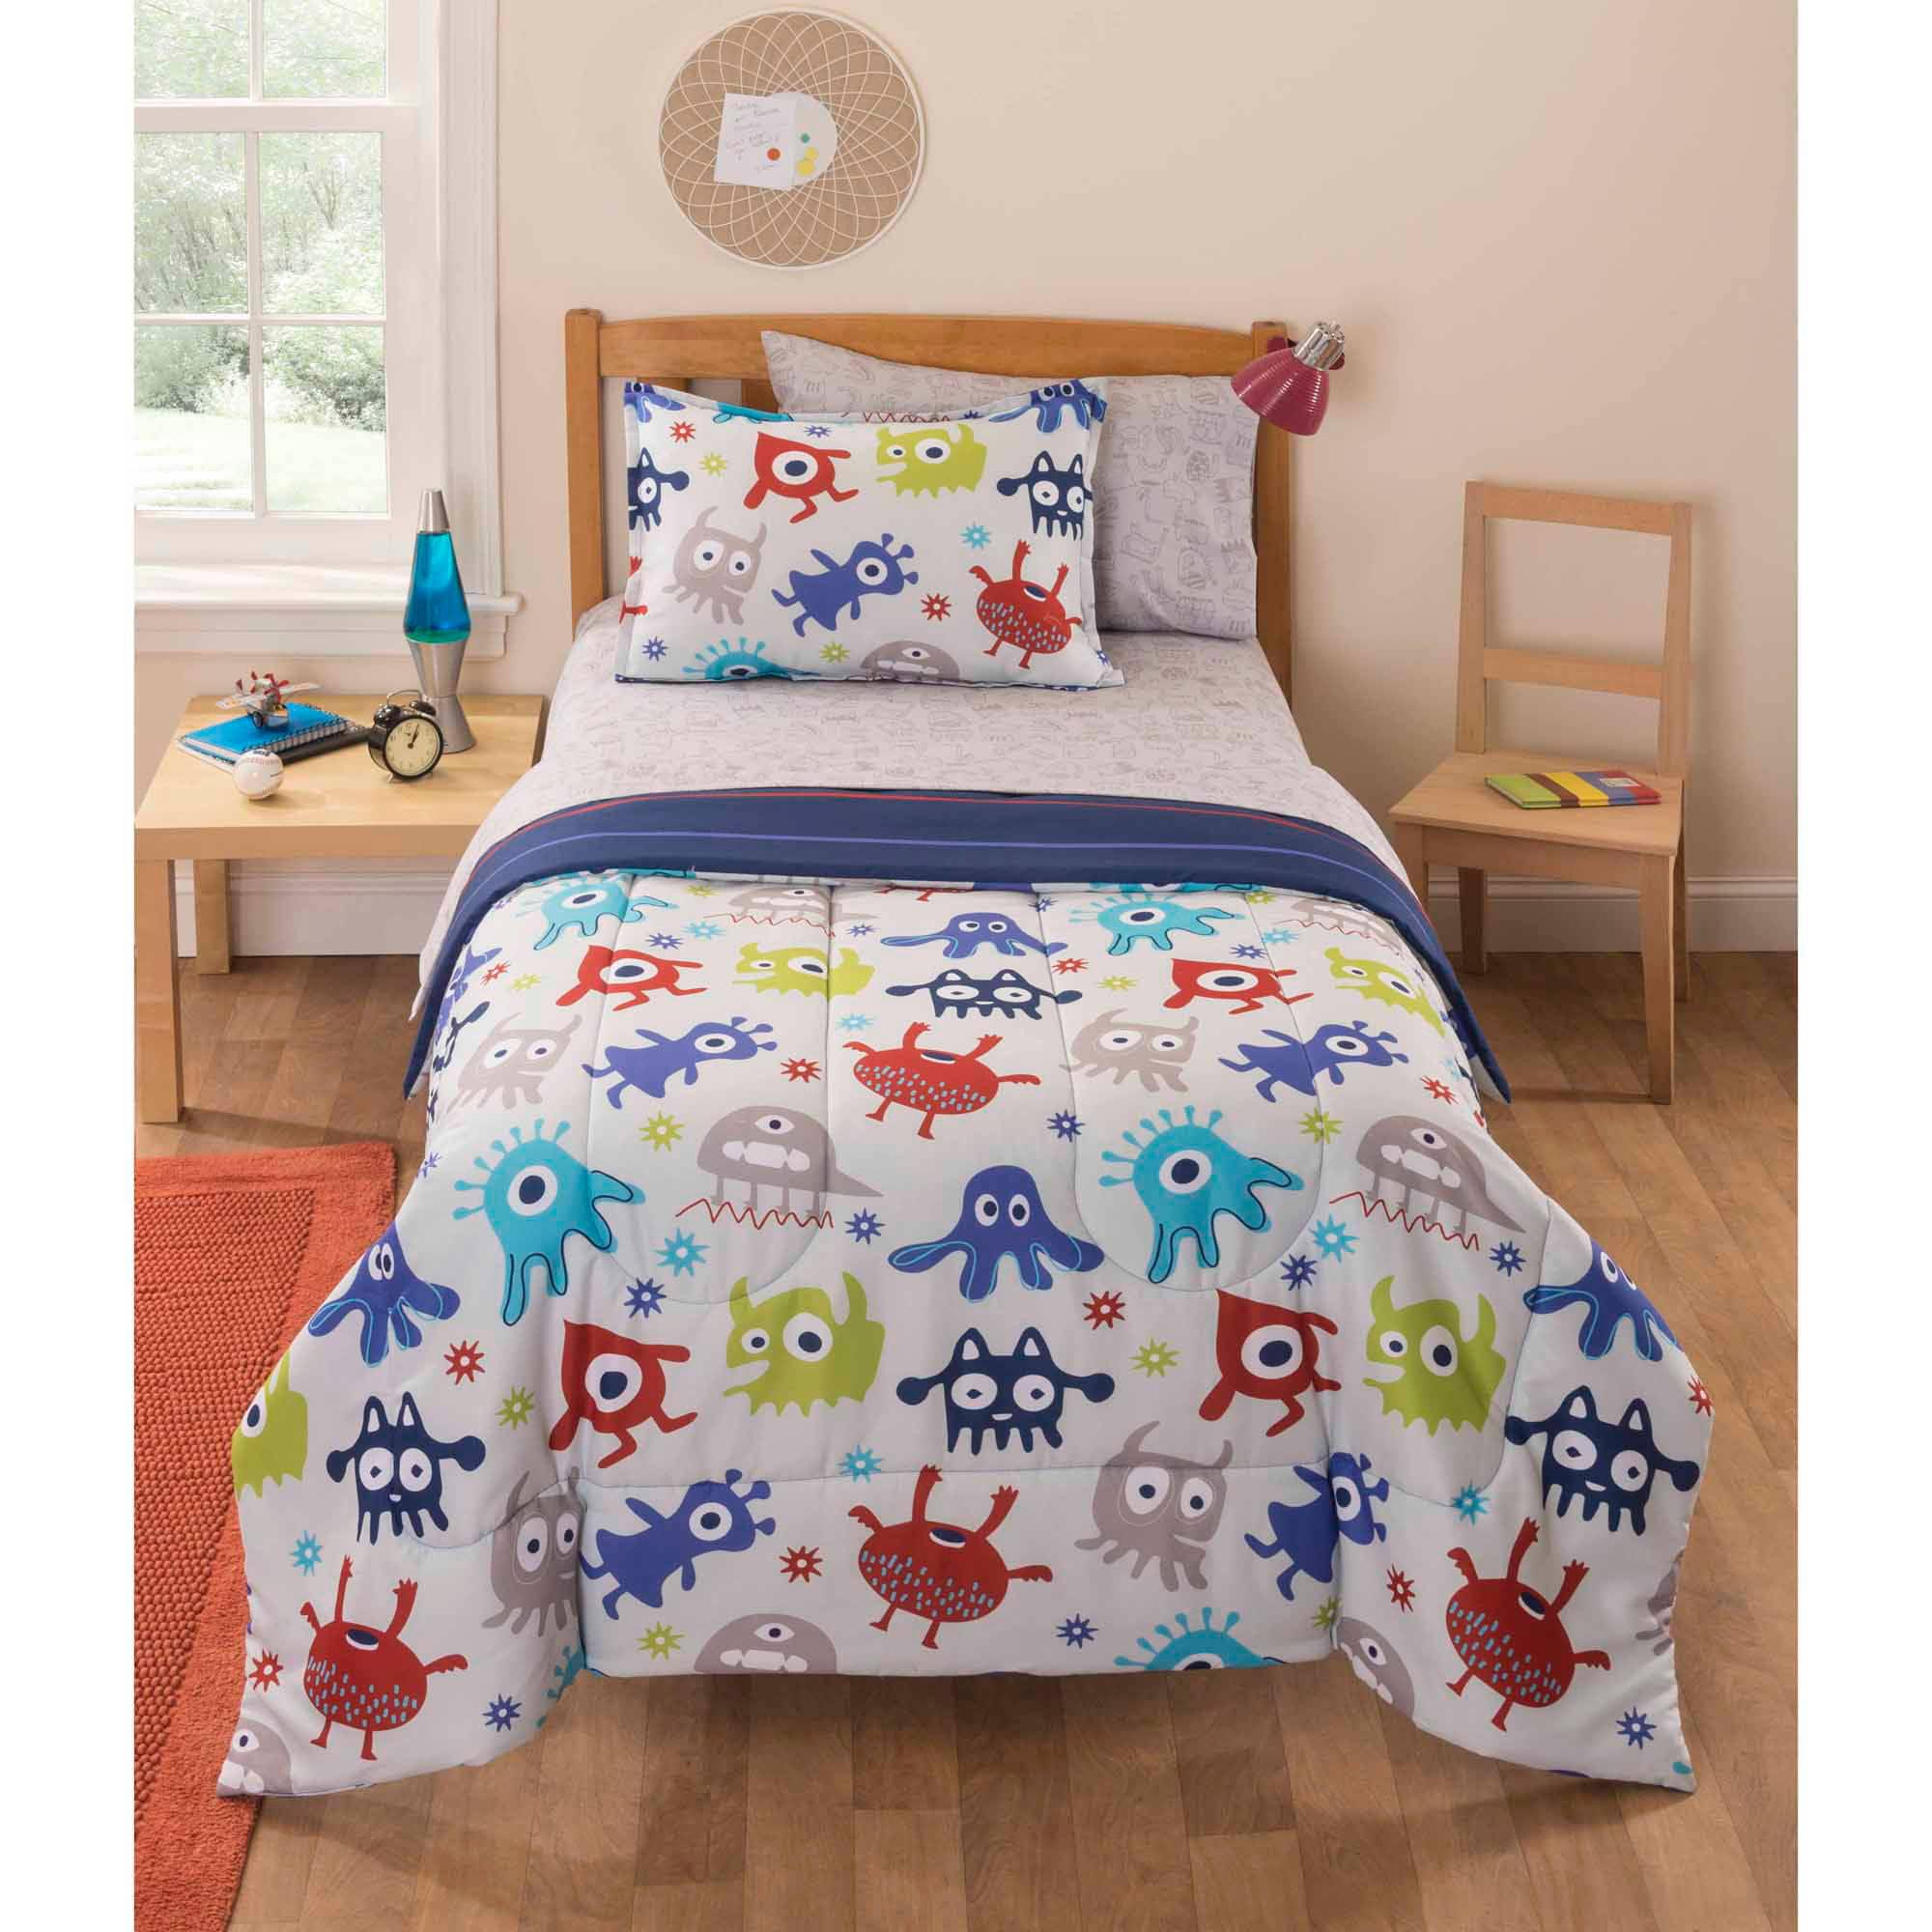 Mainstays Kids Monster Stripe Bedding Bed in a Bag